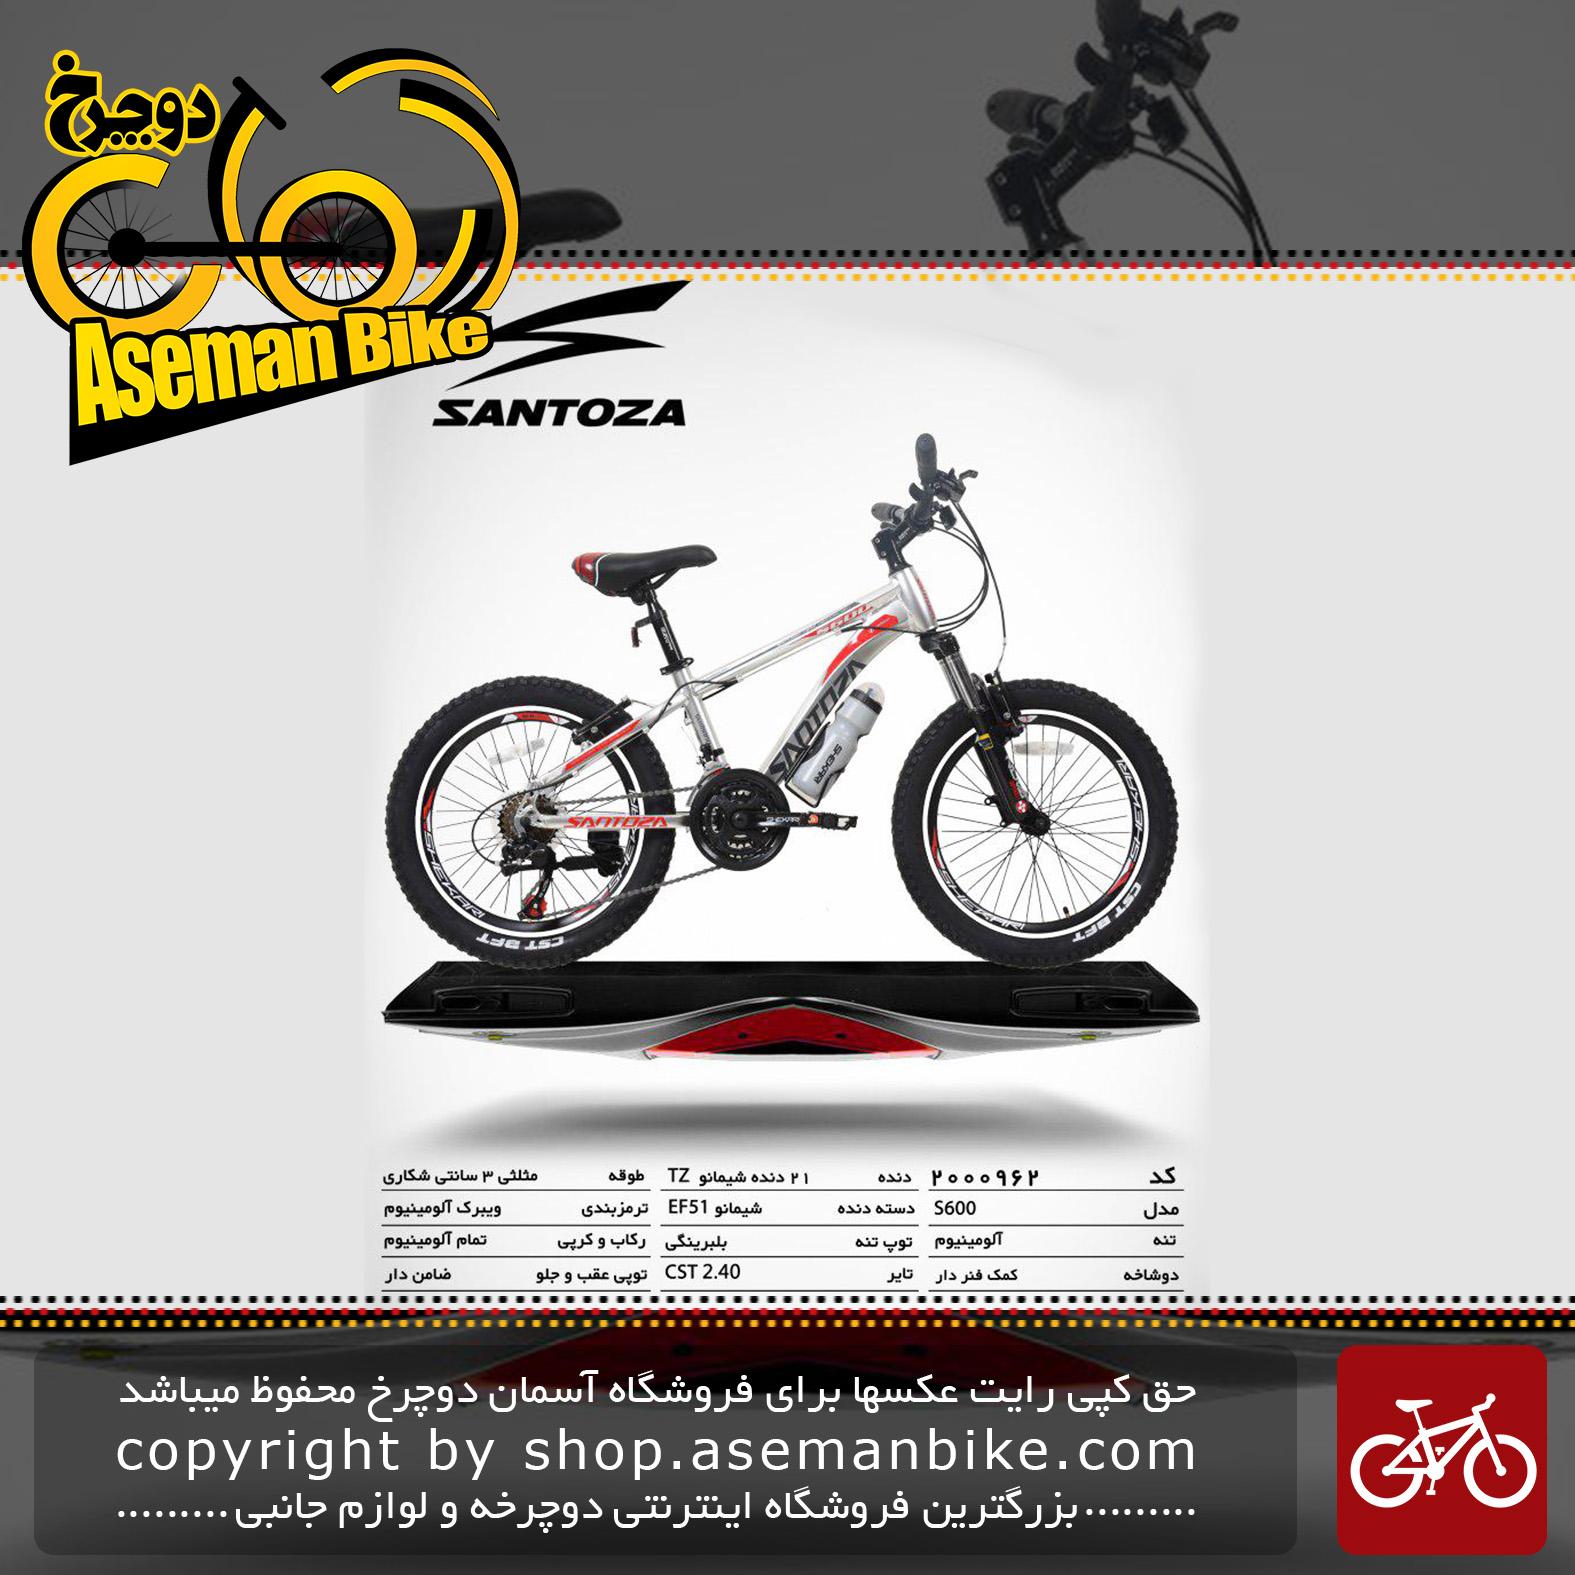 دوچرخه کوهستان سانتوزا 21 دنده شیمانو تورنی تنه آلومینیوم سایز 20 مدل اس600 santoza bicycle 20 21 speed shimano tourney tz aluminum vb s600 2019